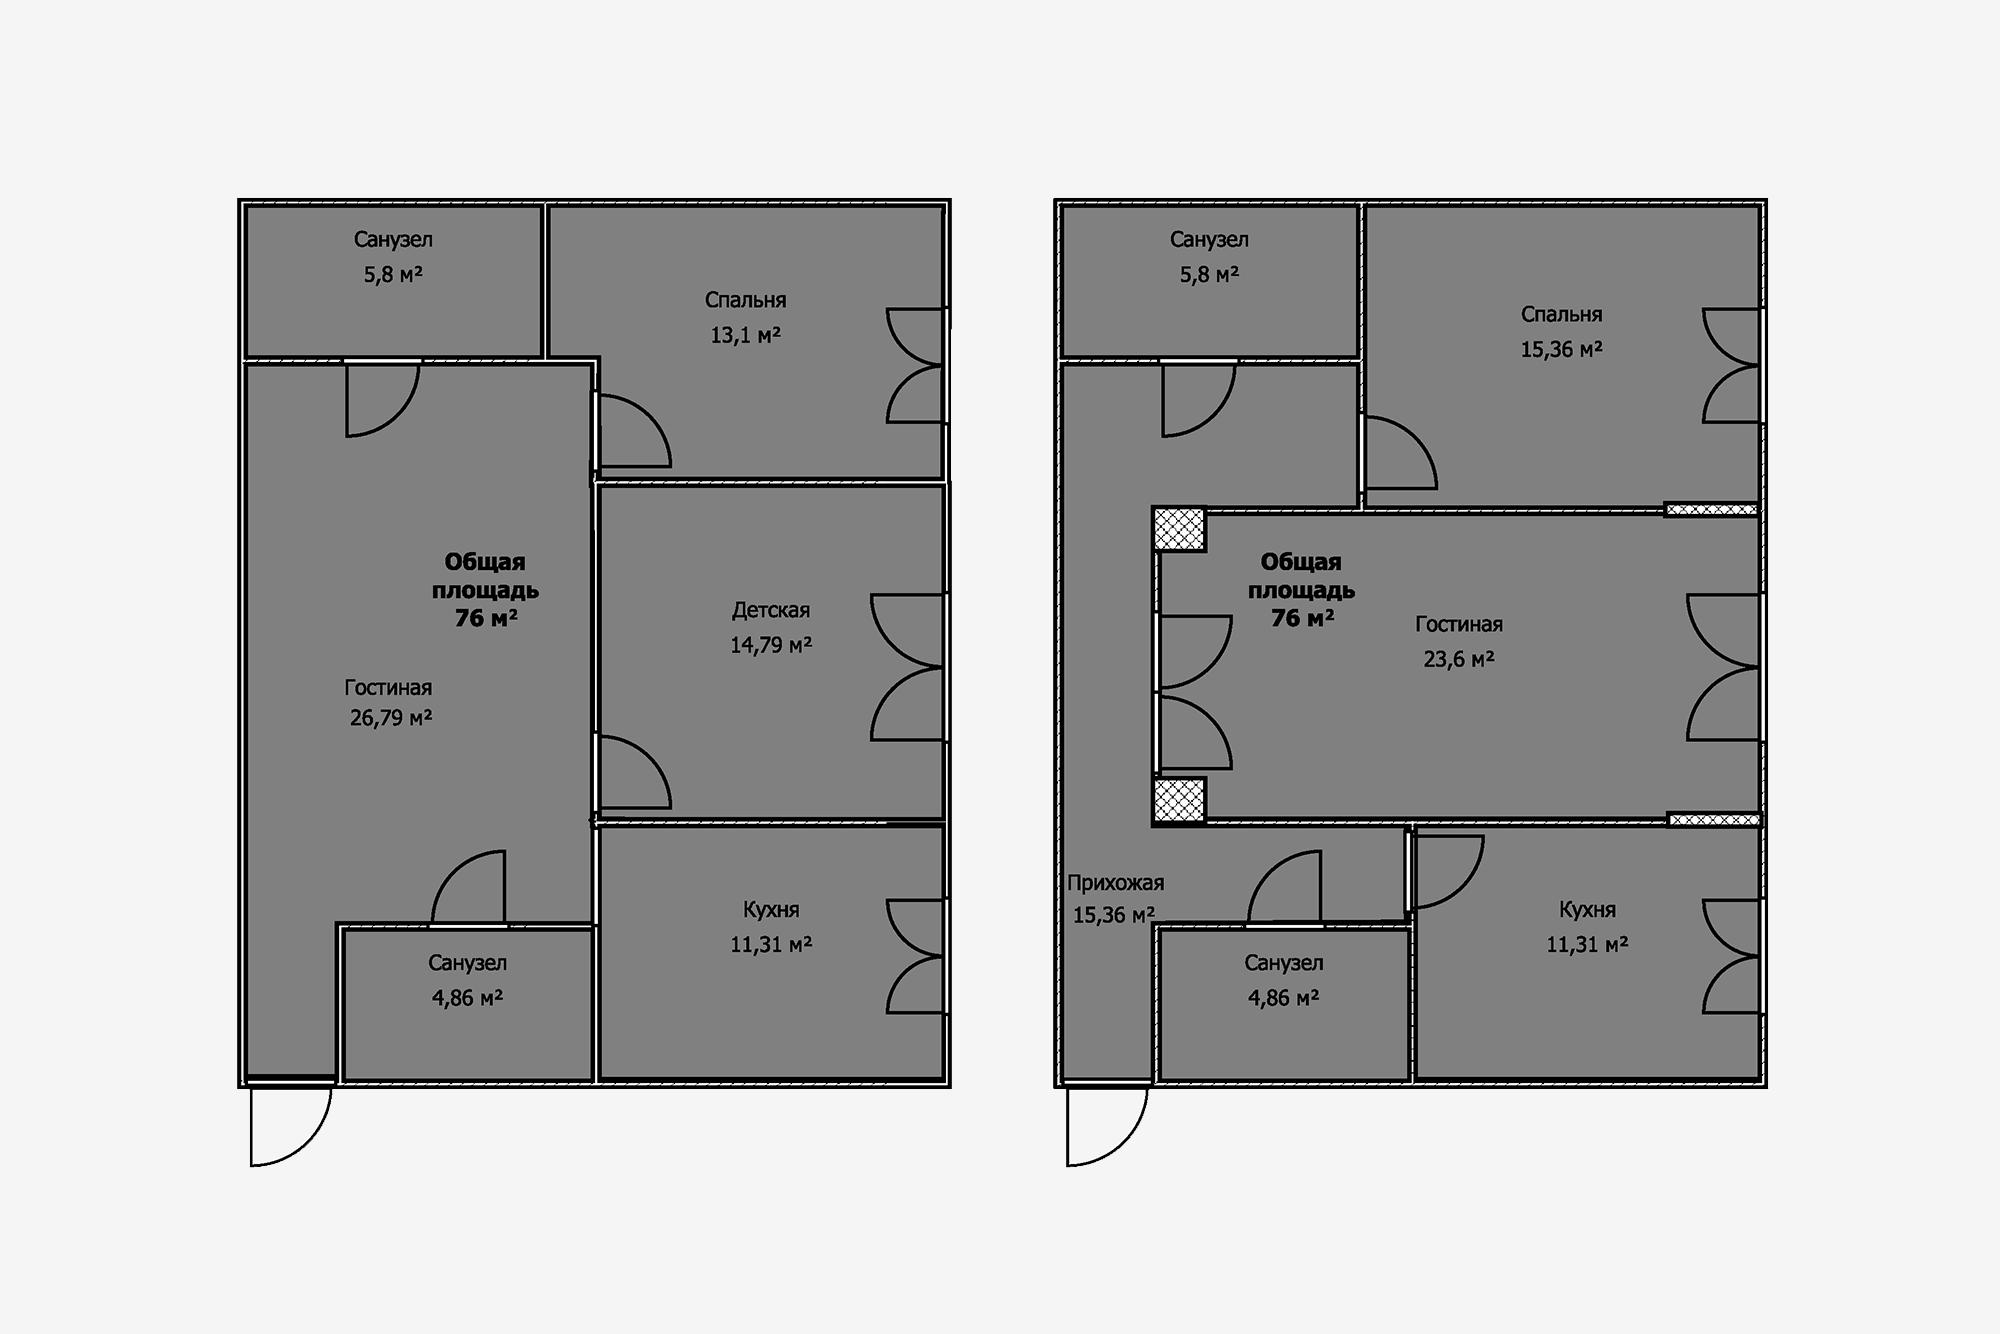 Втойже самой квартире можно сделать перепланировку: немного уменьшить спальню, обустроить наместе гостиной детскую, асаму гостиную перенести вкоридор, предварительно его расширив иобъединив скухней. Но, если возле окон есть несущие выступы, авкоридоре— несущие колонны, такая перепланировка уже недопустима